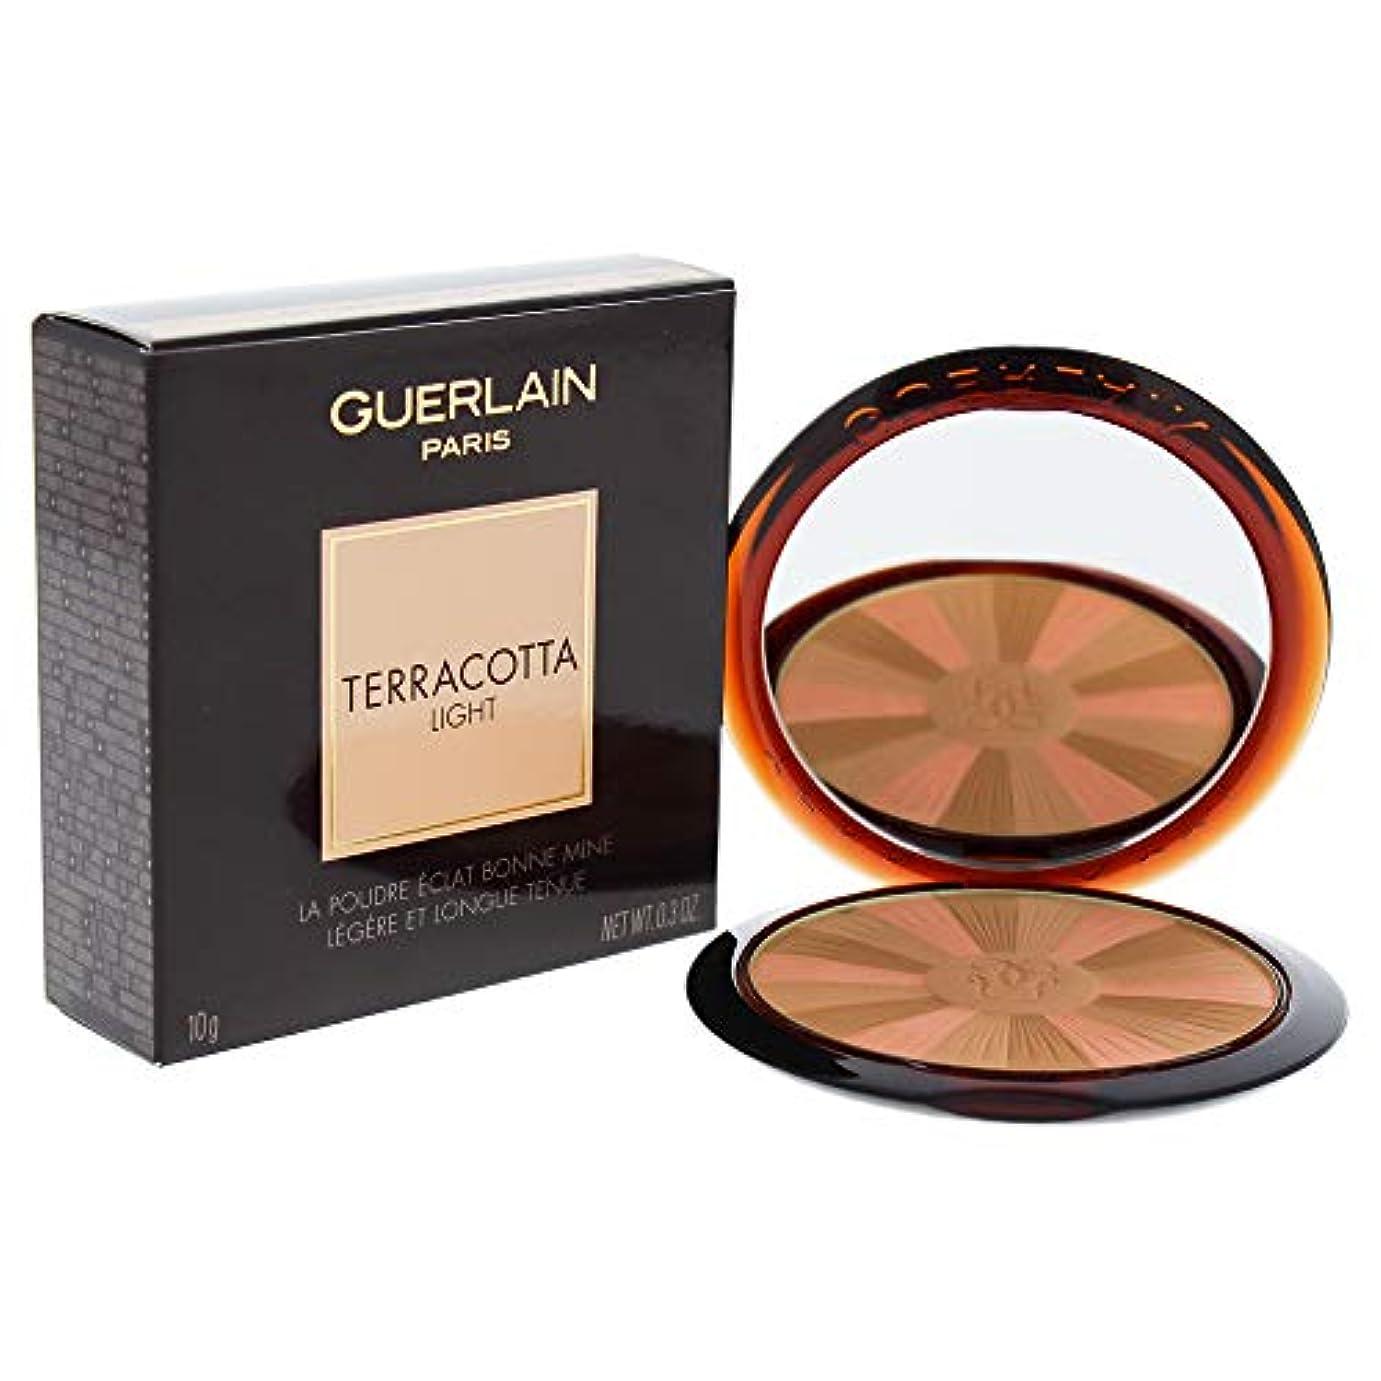 出会い鳴らす潜水艦ゲラン Terracotta Light The Sun Kissed Healthy Glow Powder - # 01 Light Warm 10g/0.3oz並行輸入品